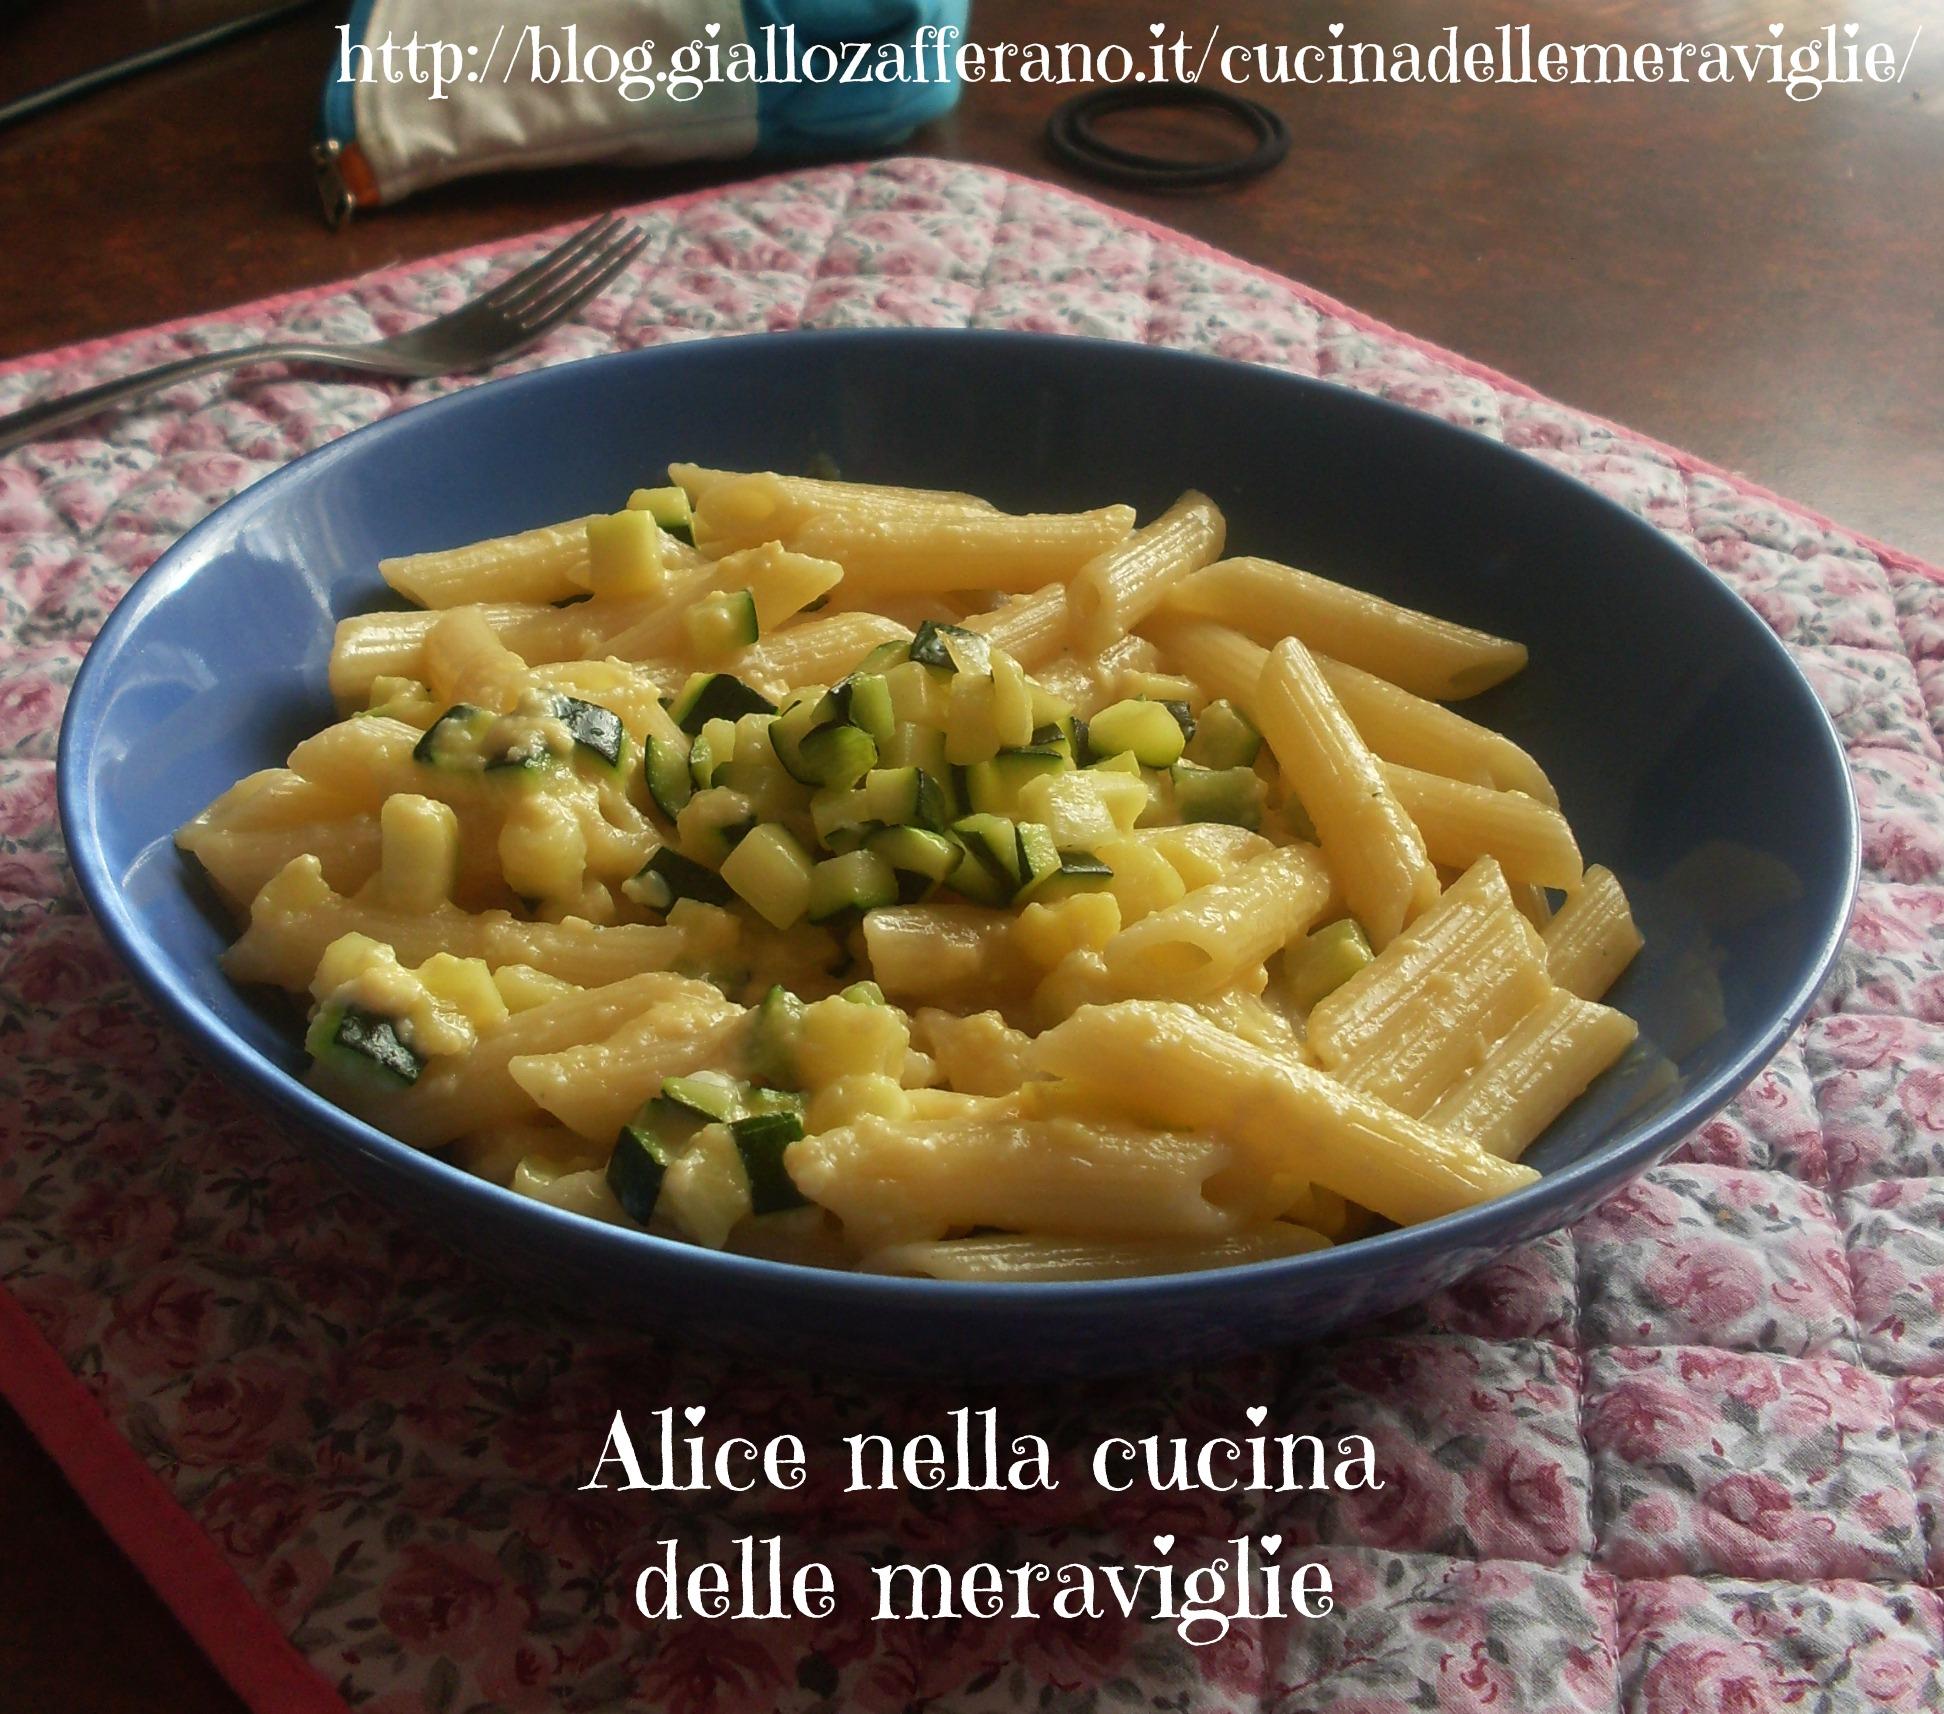 Pasta alla carbonara di zucchine Ricetta primo piatto vegetariano Alice nella cucina delle meraviglie